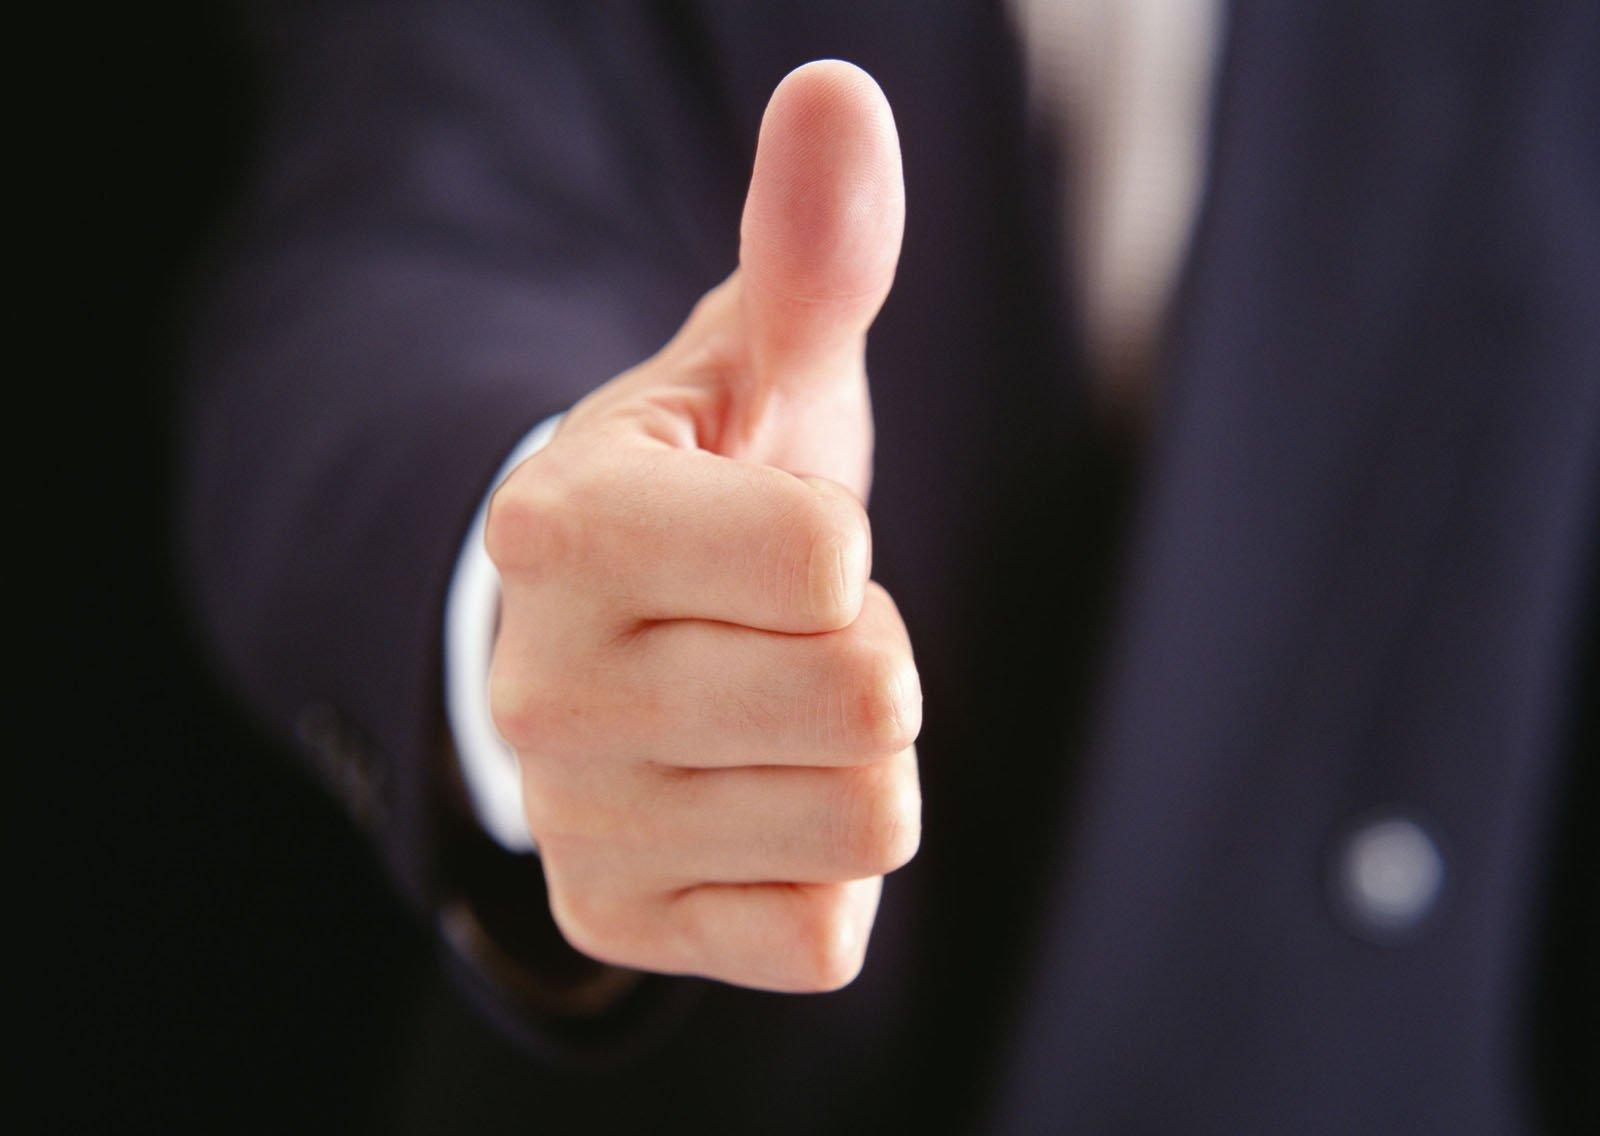 Чешется большой палец левой руки: приметы